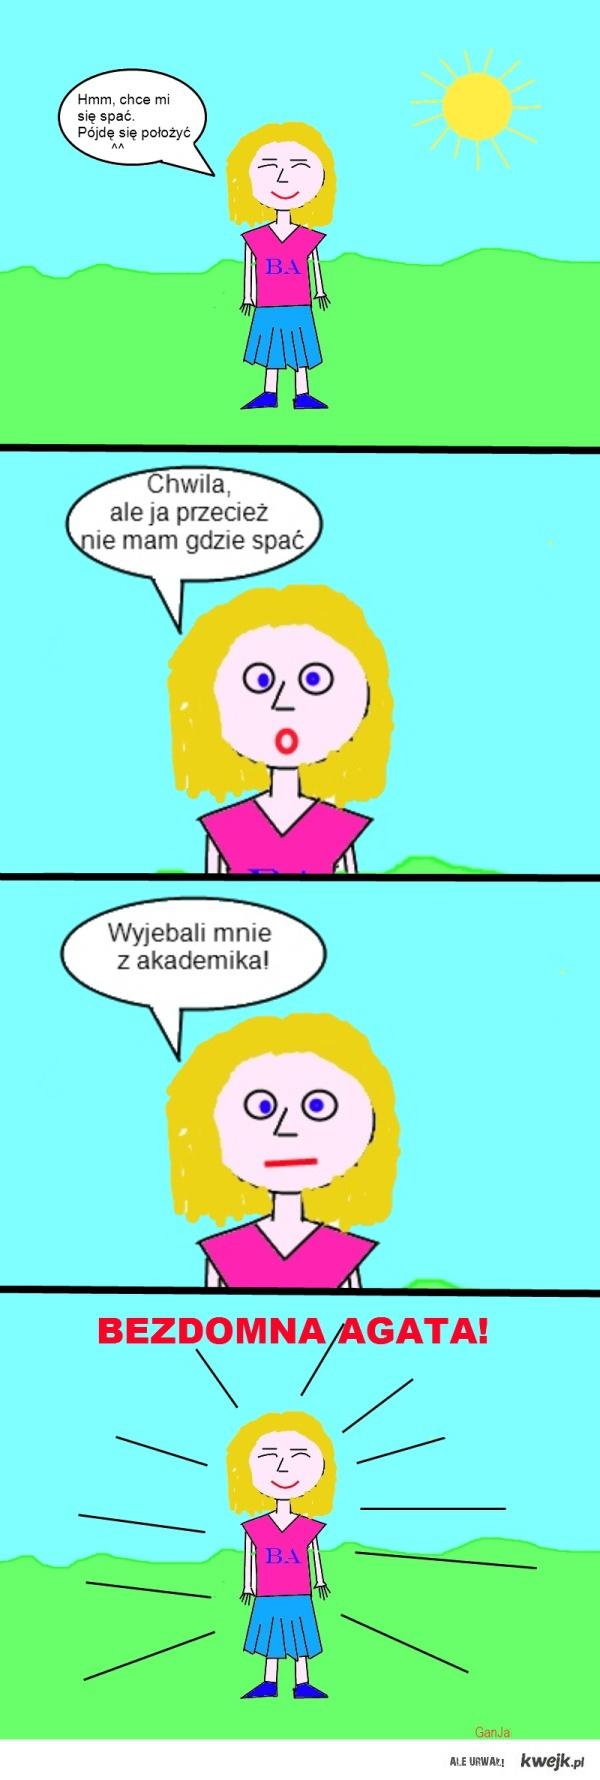 Bezdomna Agata